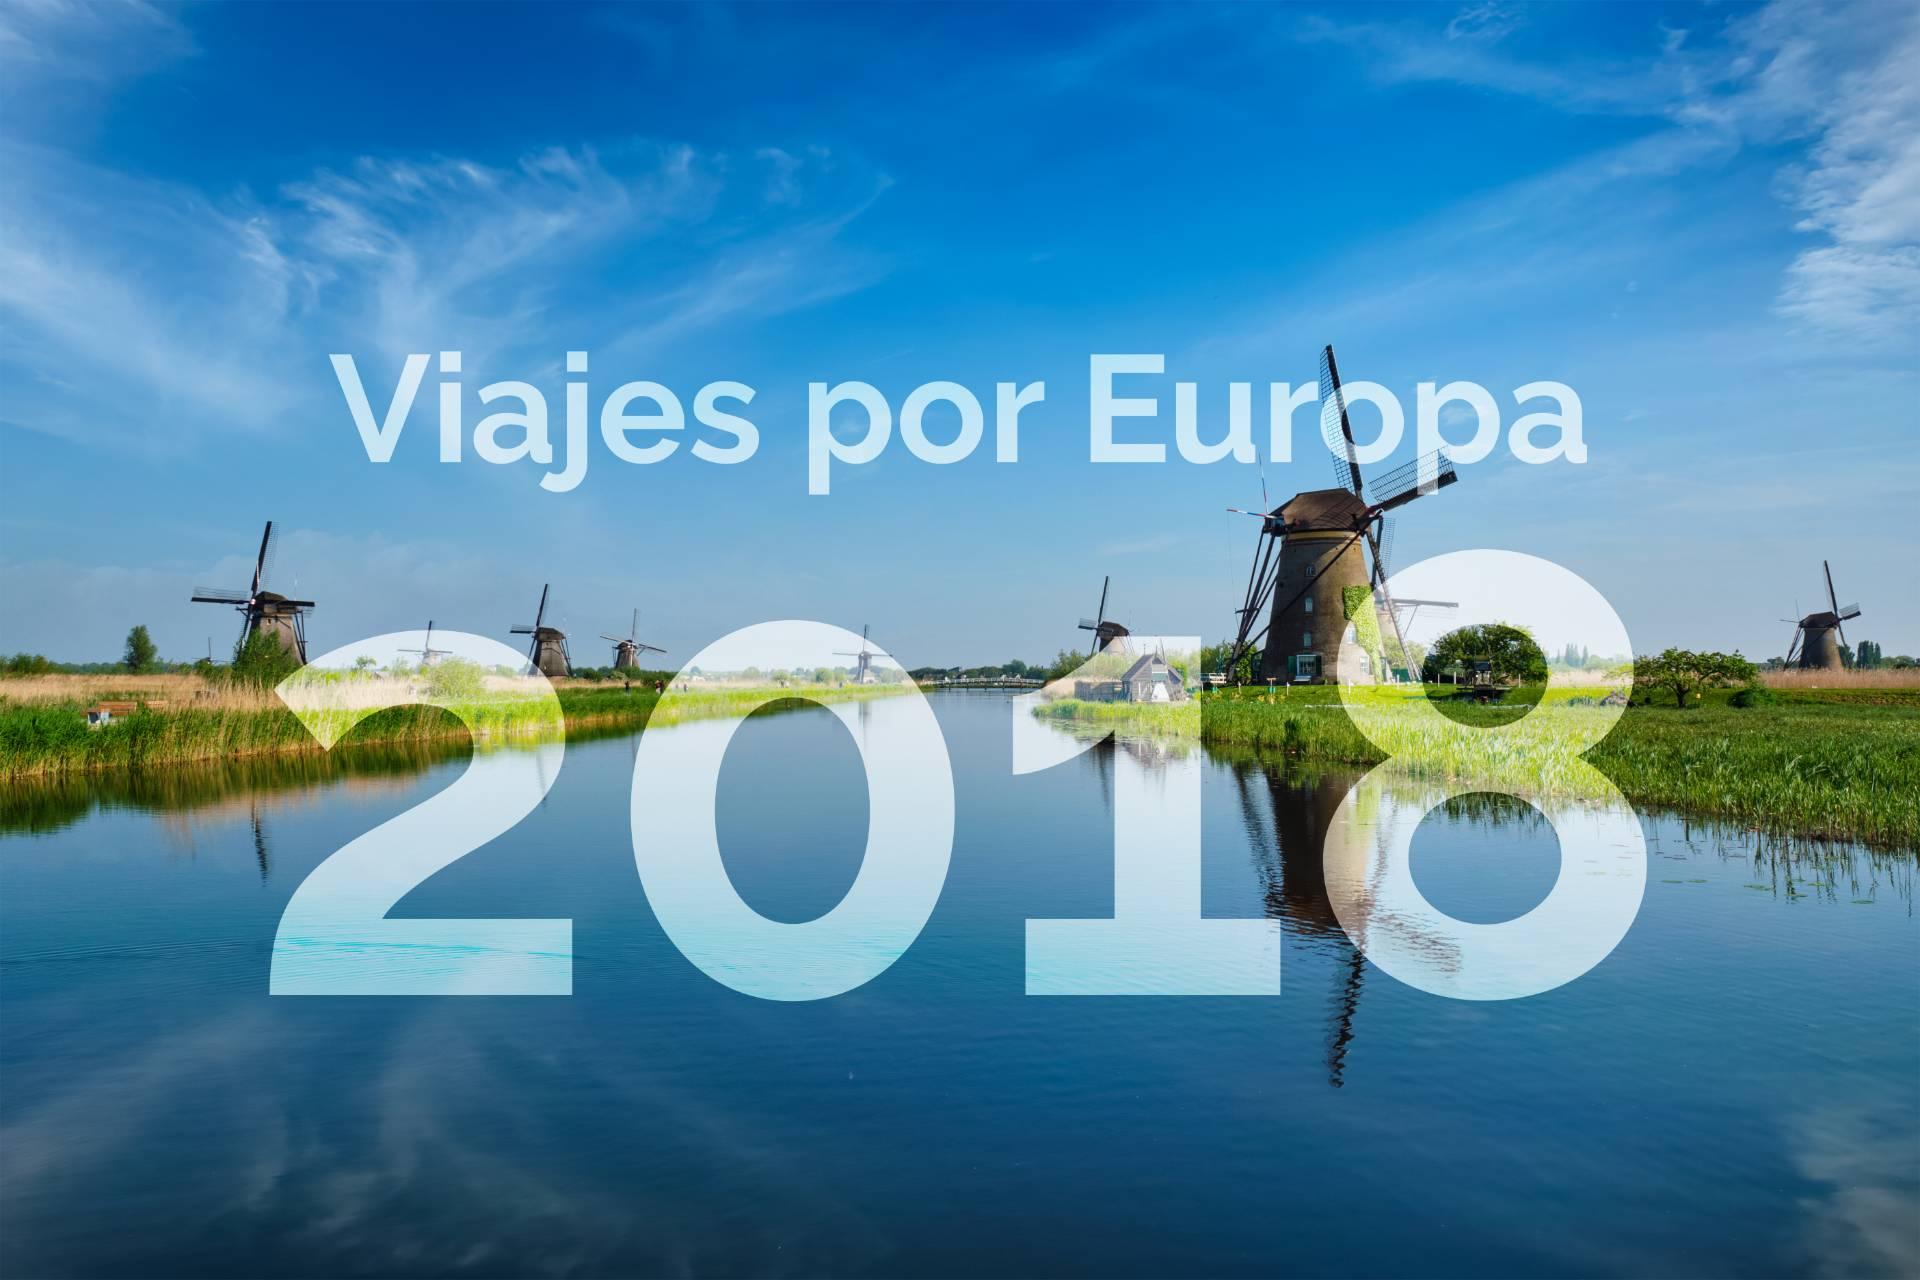 Los viajes por Europa más populares - Viajes por Europa